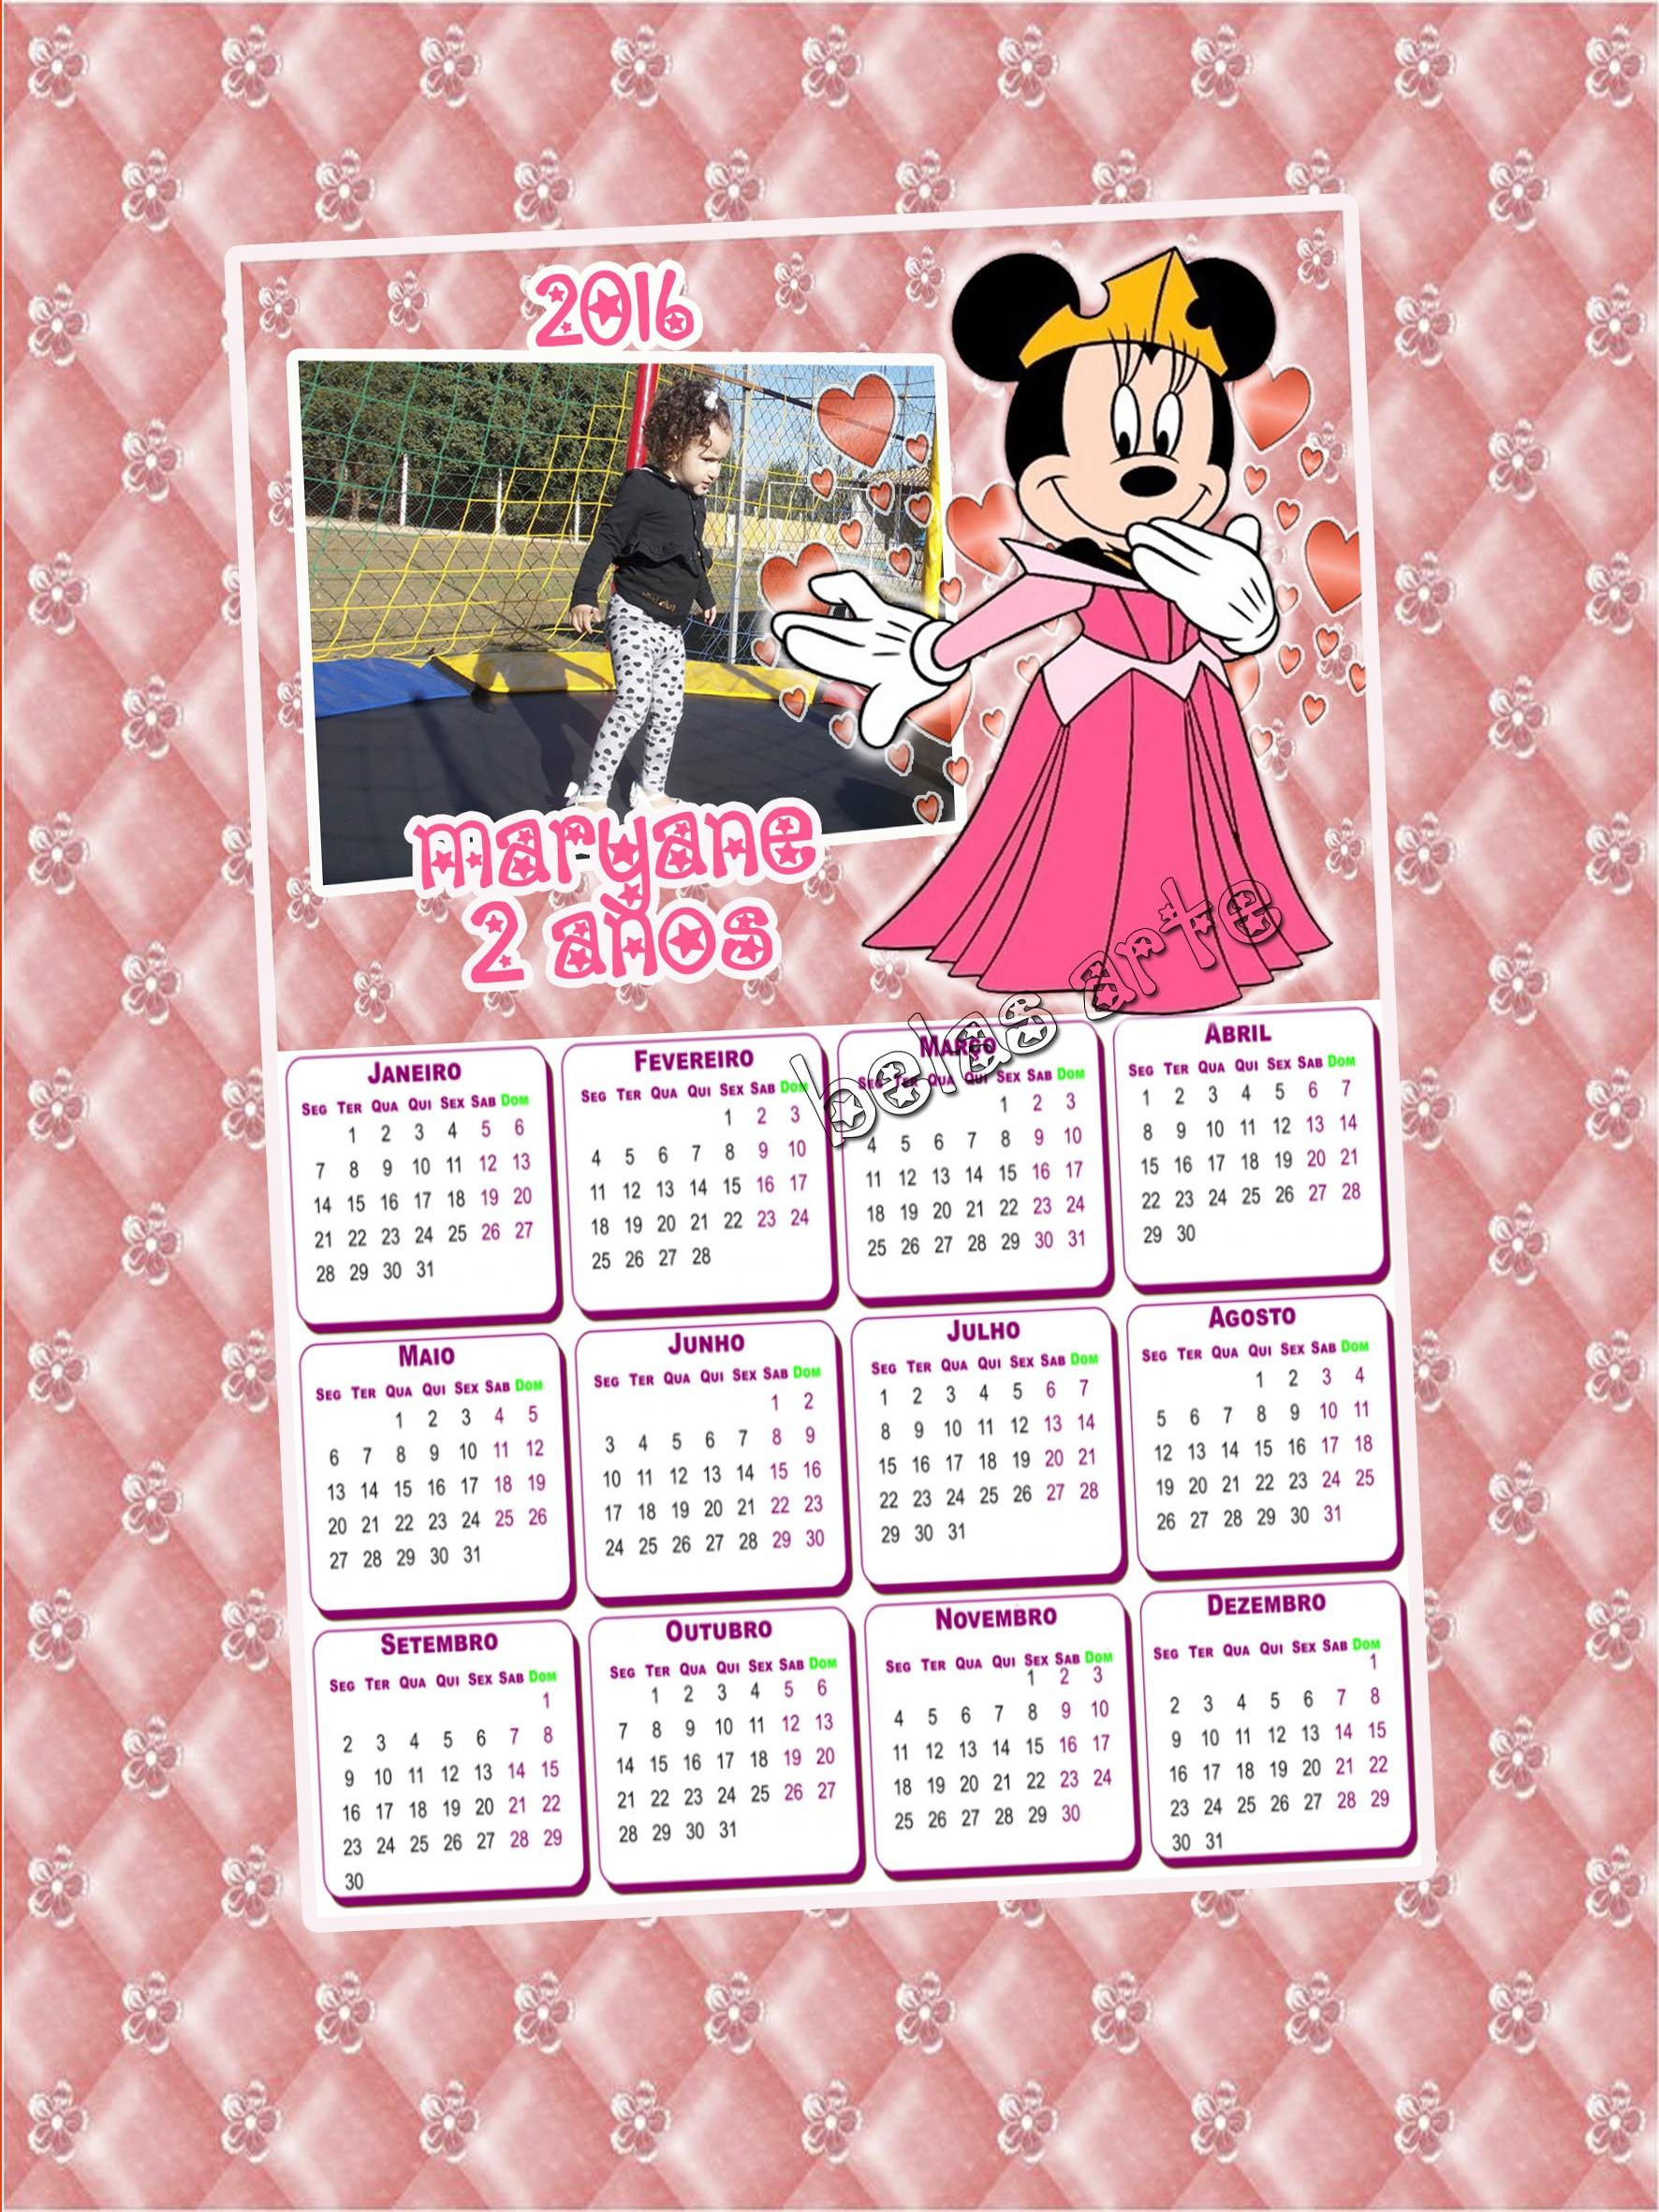 Calendário para contagem regressiva para viagem calendario2